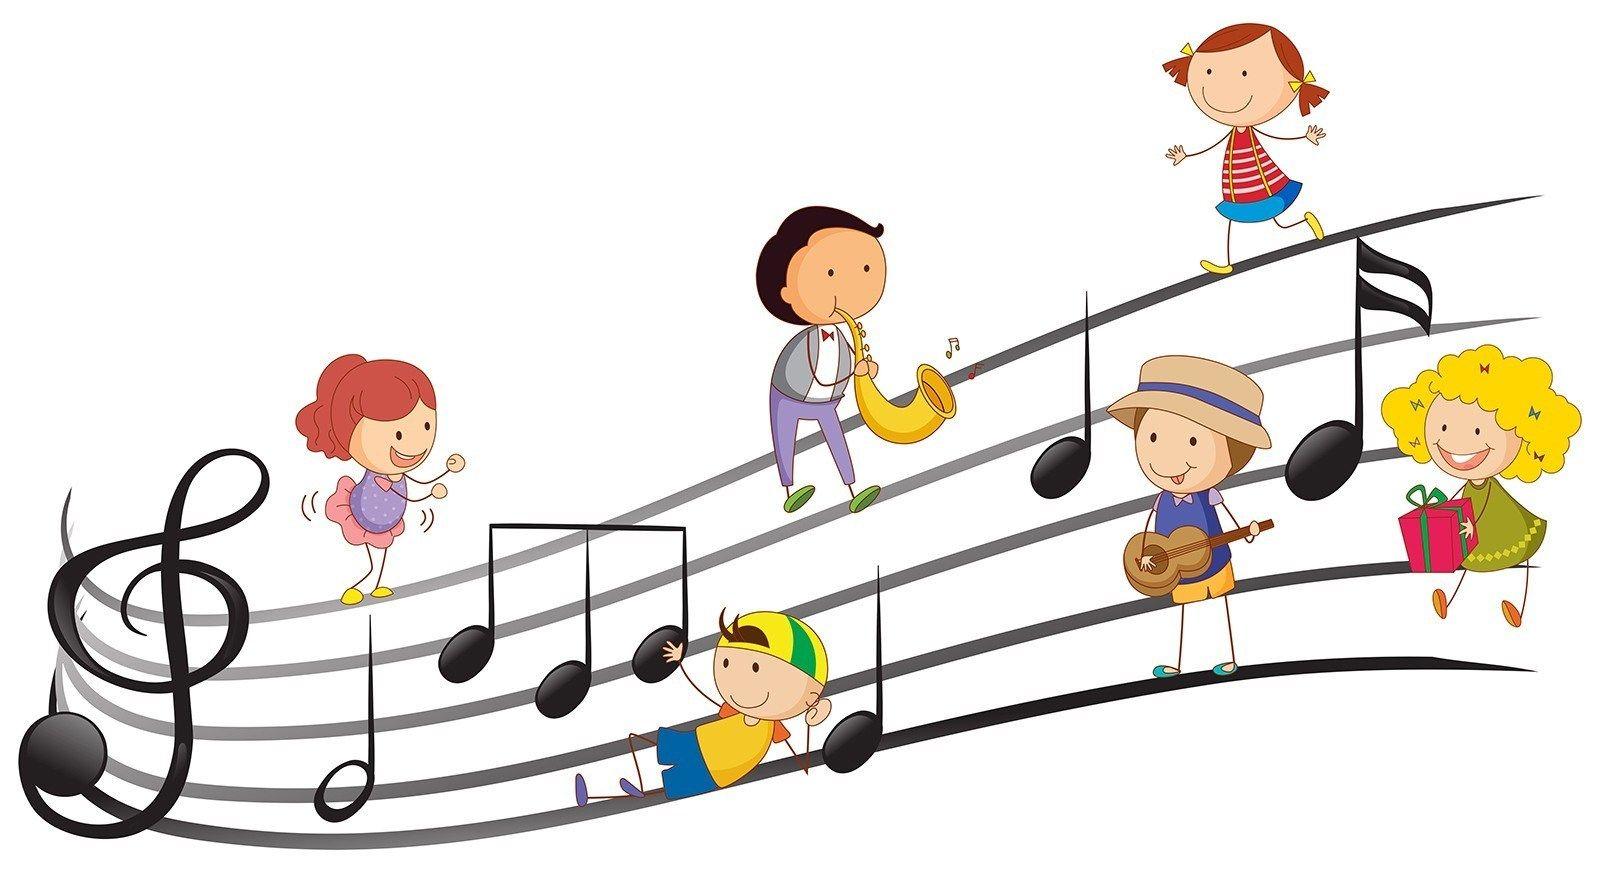 Giáo dục âm nhạc cho trẻ nhỏ trong trường học rất quan trọng